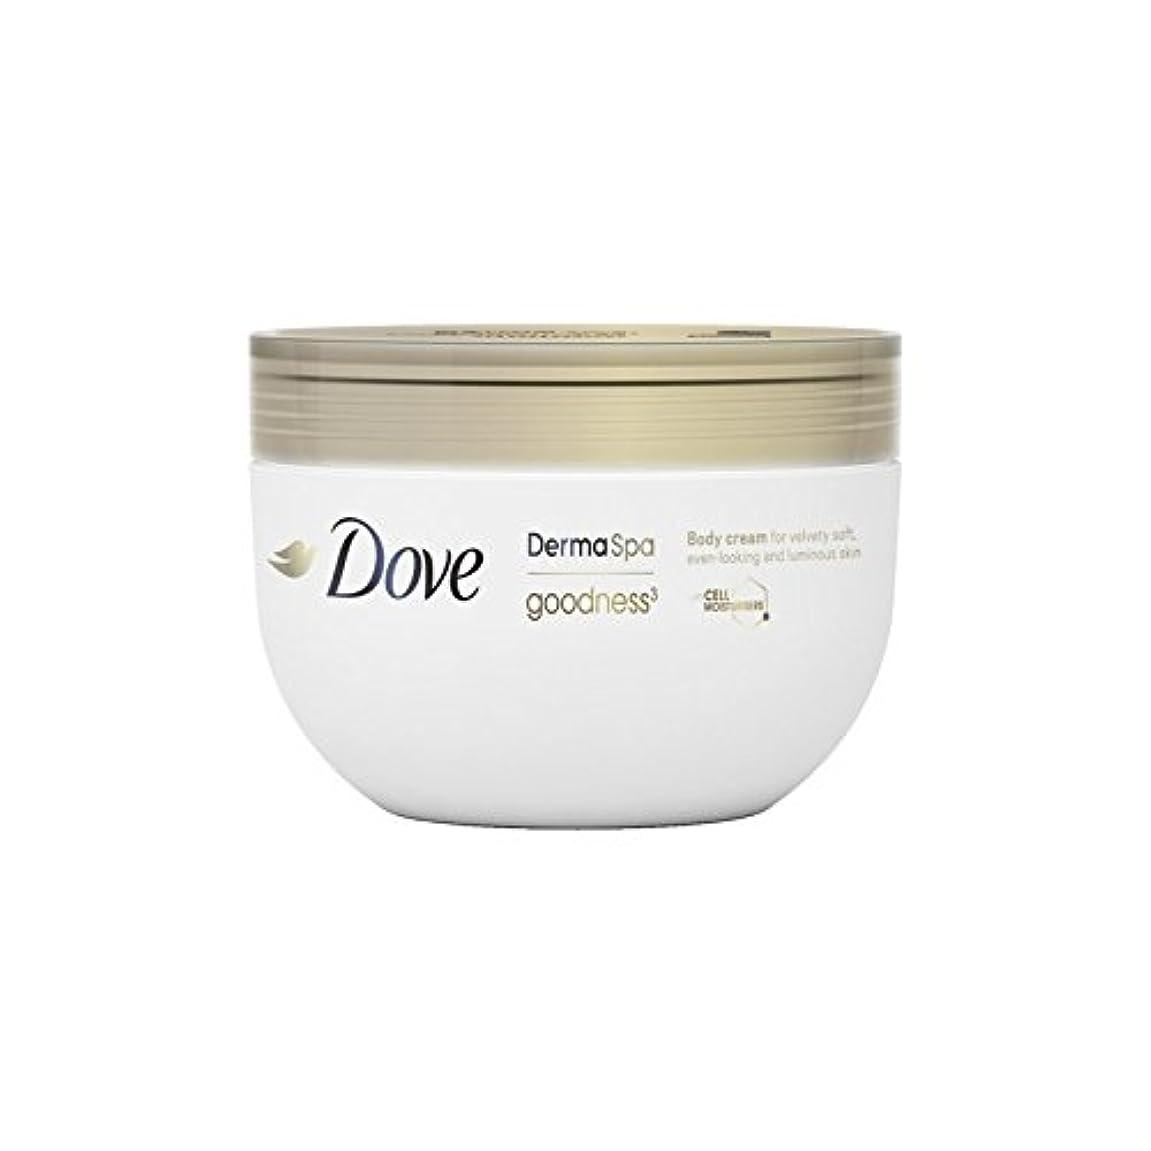 鰐うがい薬お別れDove DermaSpa Goodness3 Body Cream (300ml) - 鳩の3ボディクリーム(300ミリリットル) [並行輸入品]